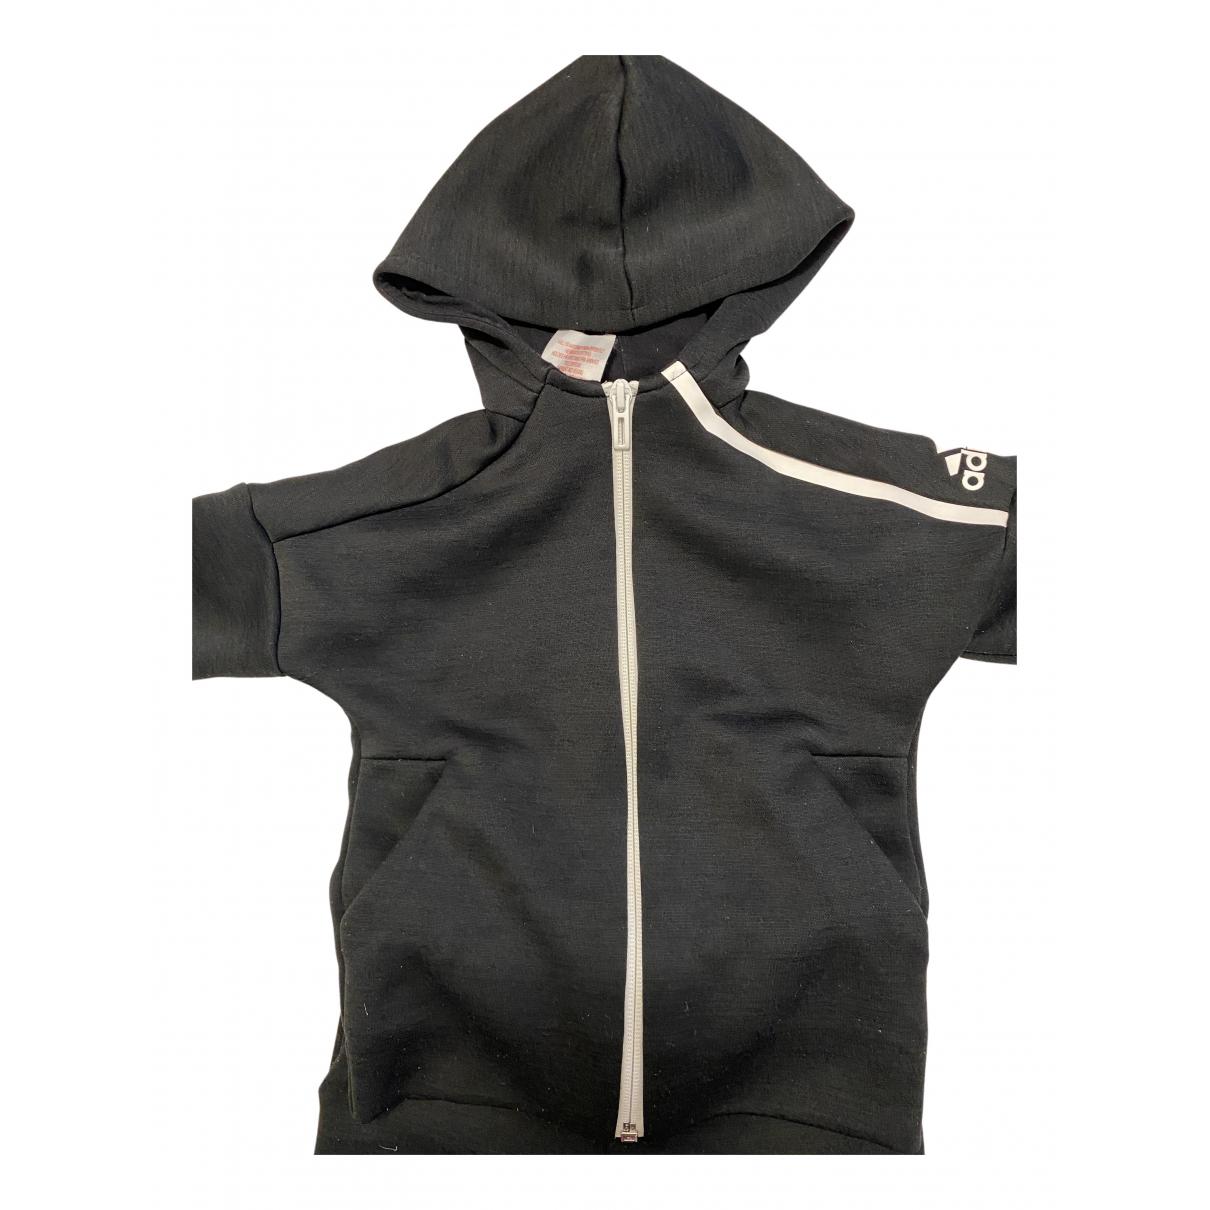 Adidas - Les ensembles   pour enfant - noir